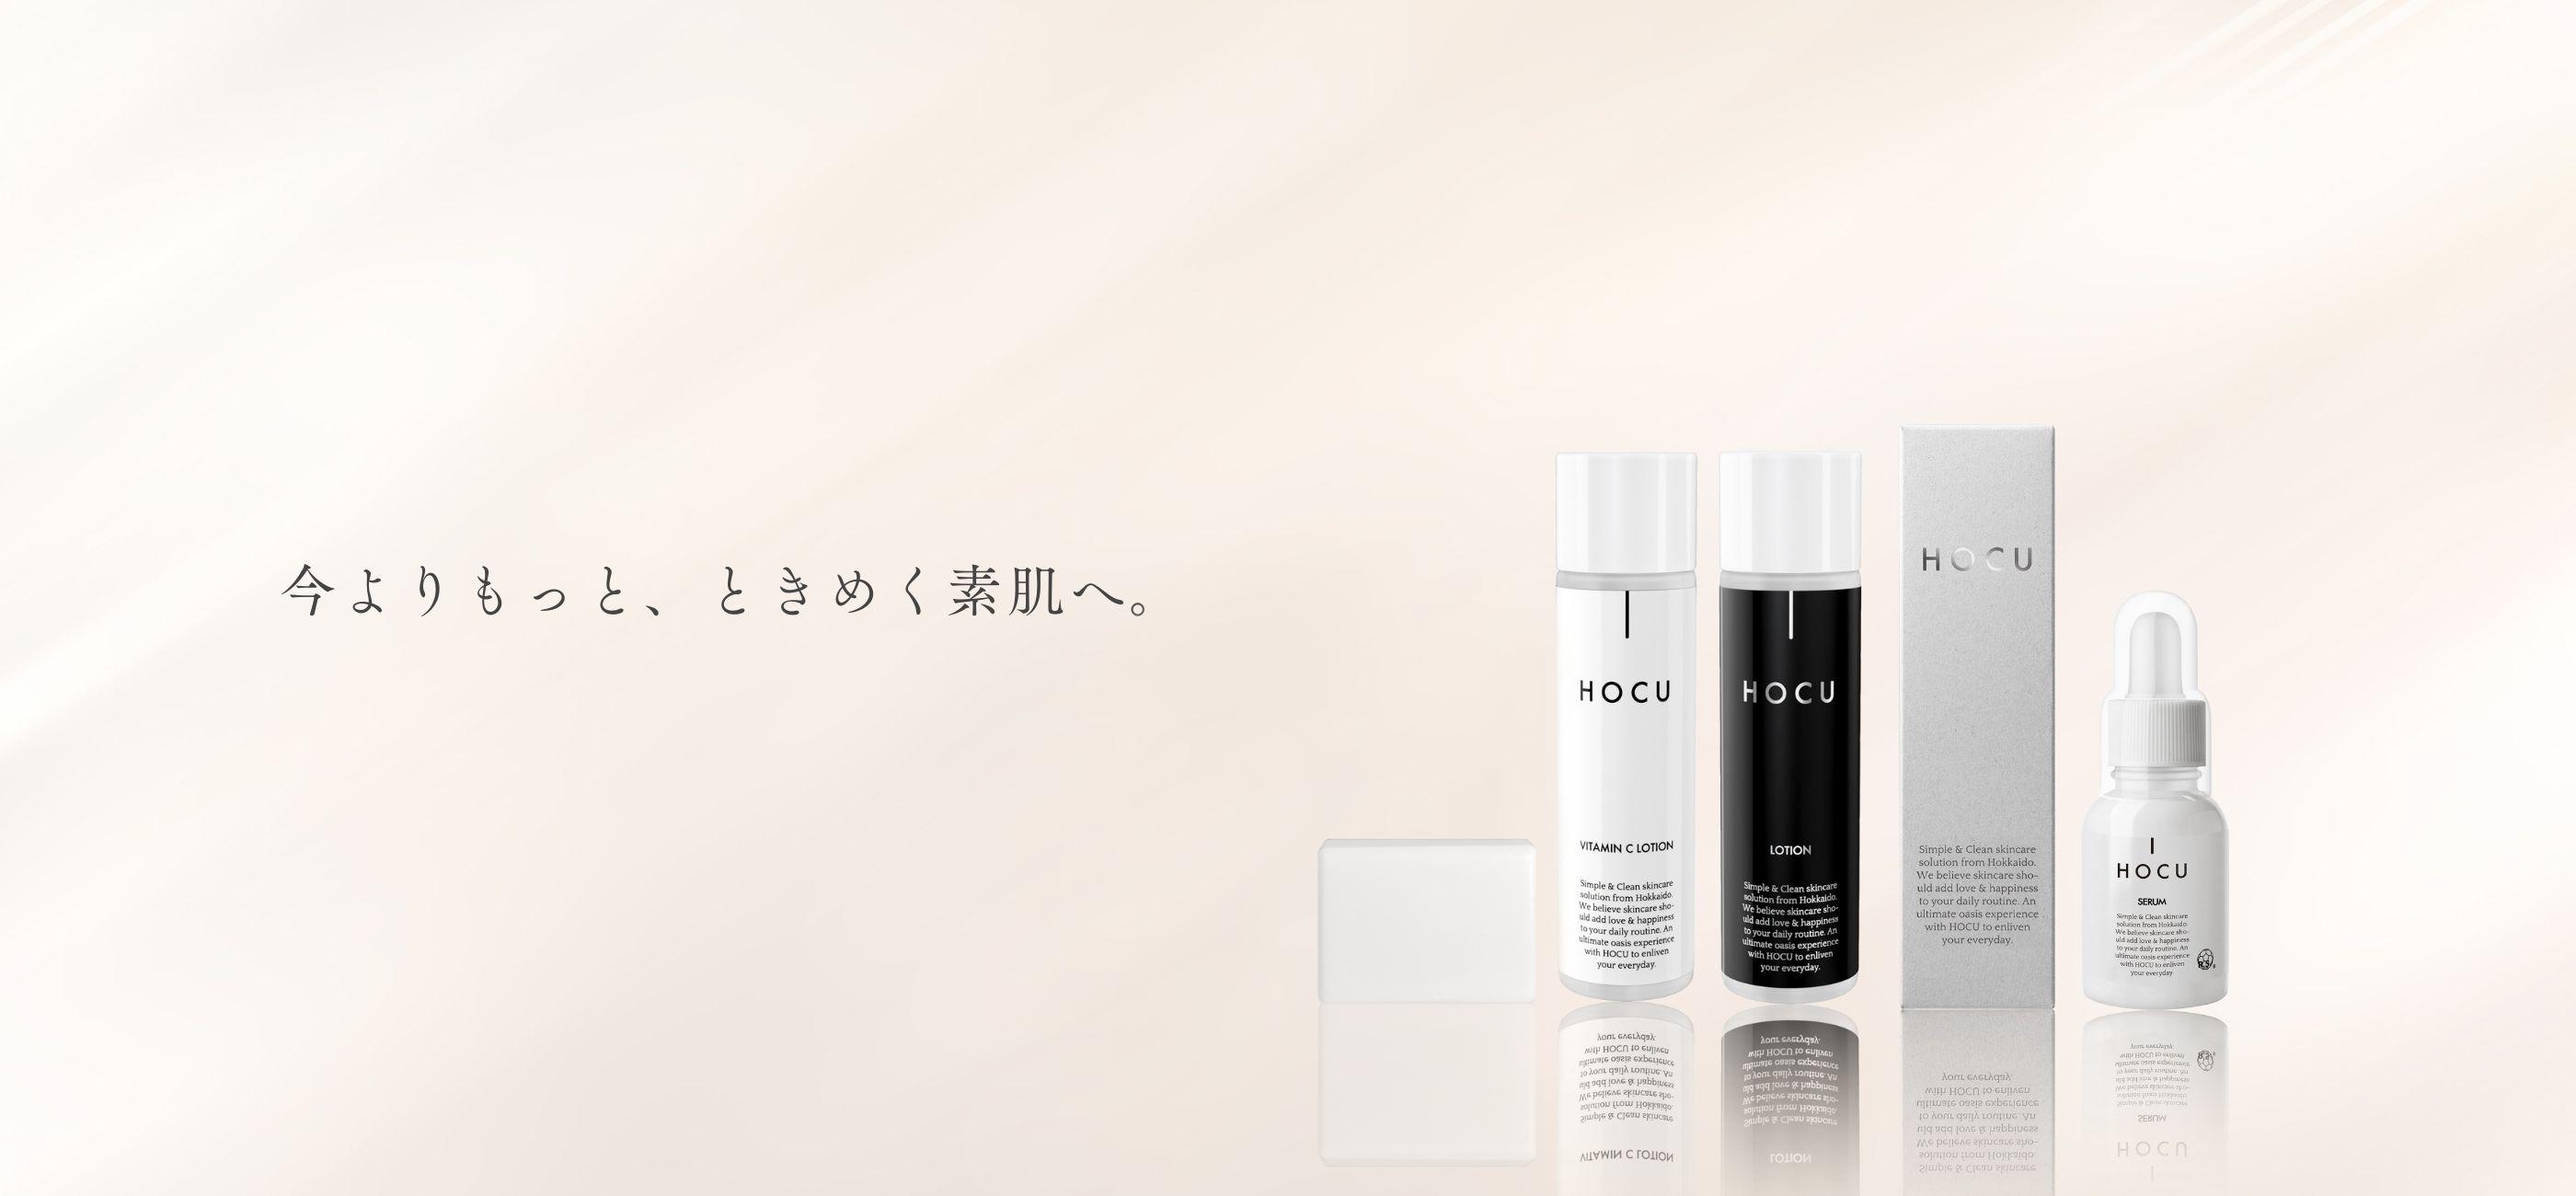 クチュリエコスメジャパン